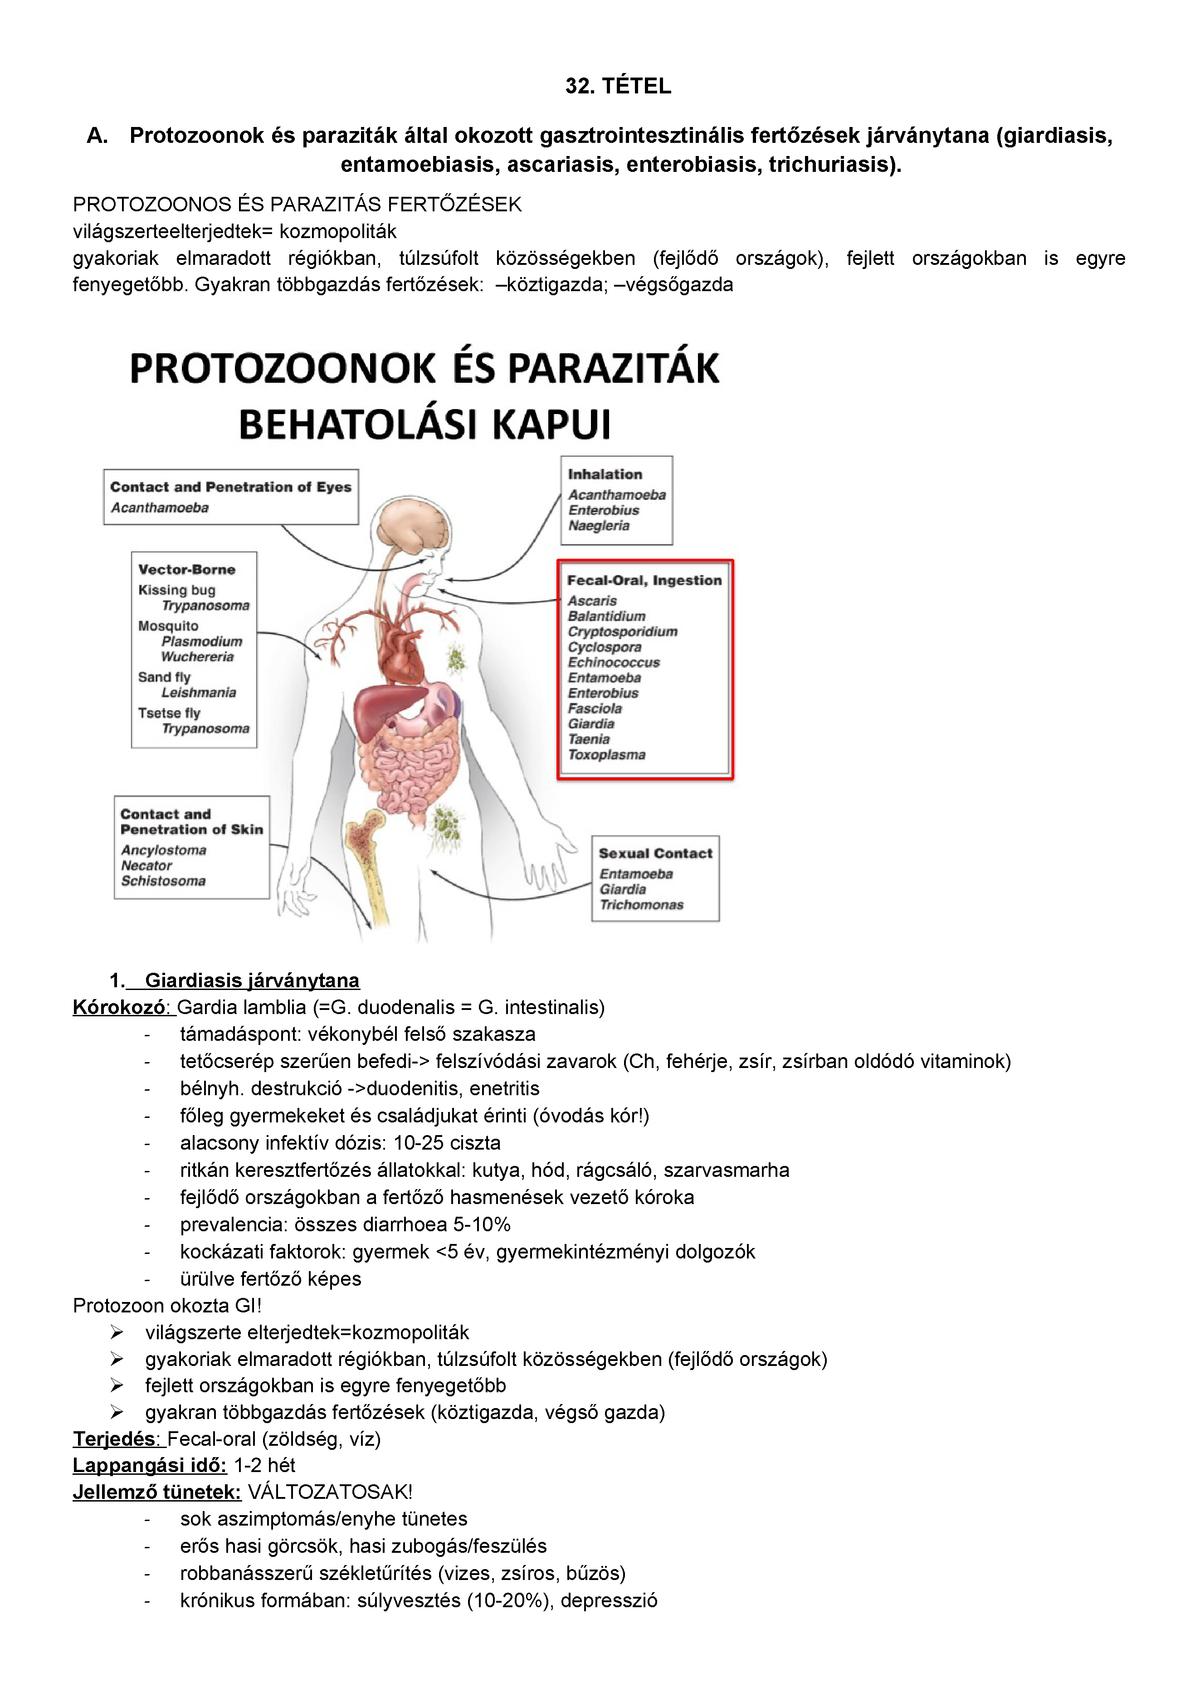 duodenális ancylostoma)